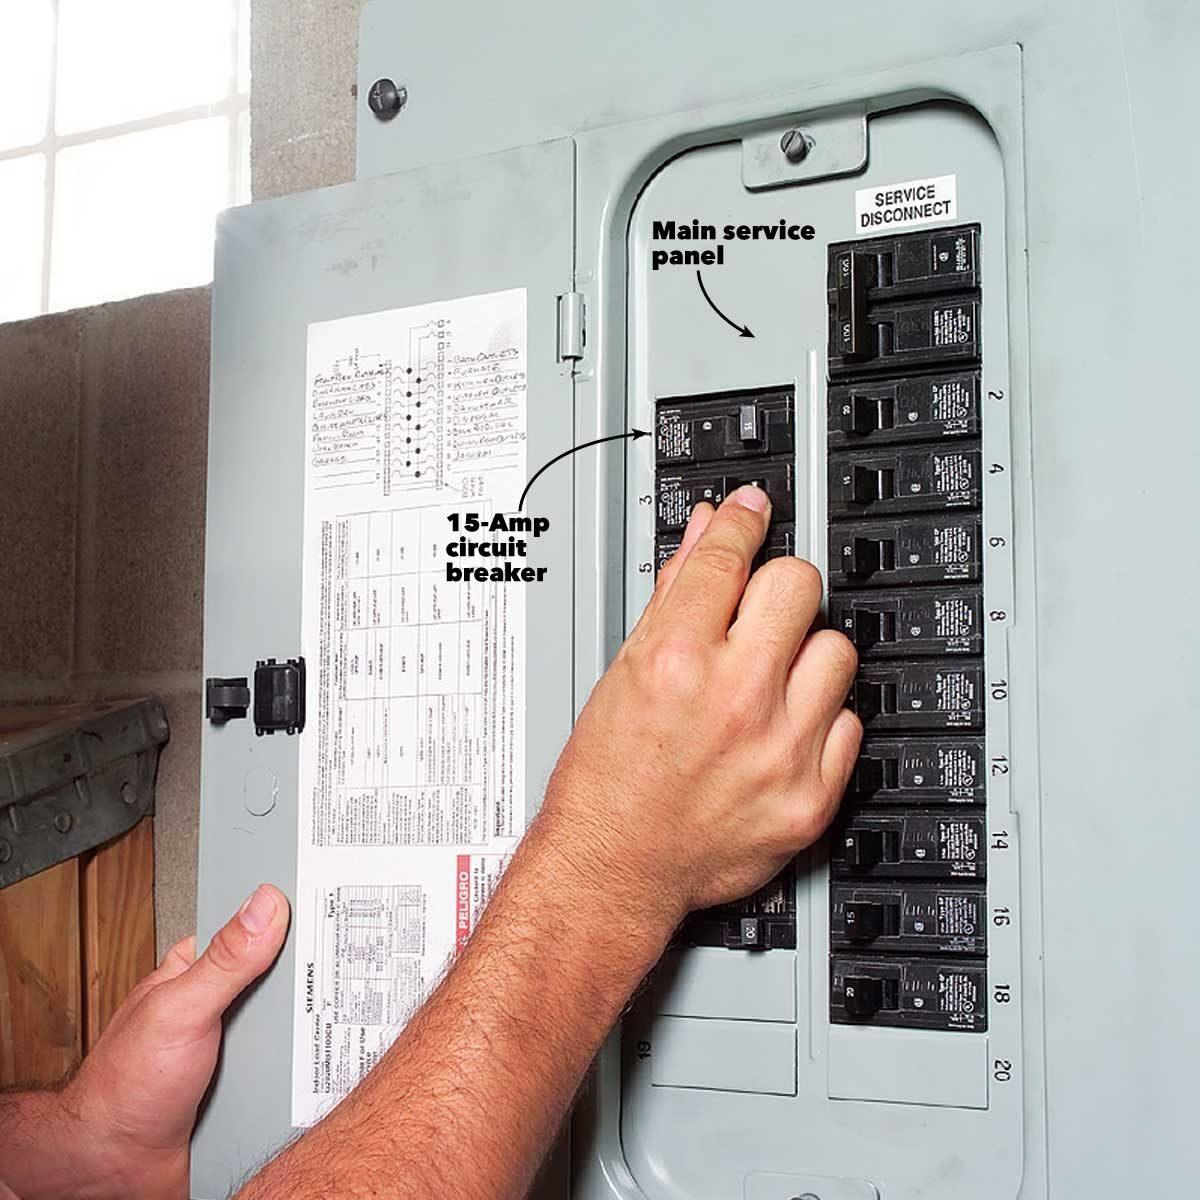 under lighting circuit breaker